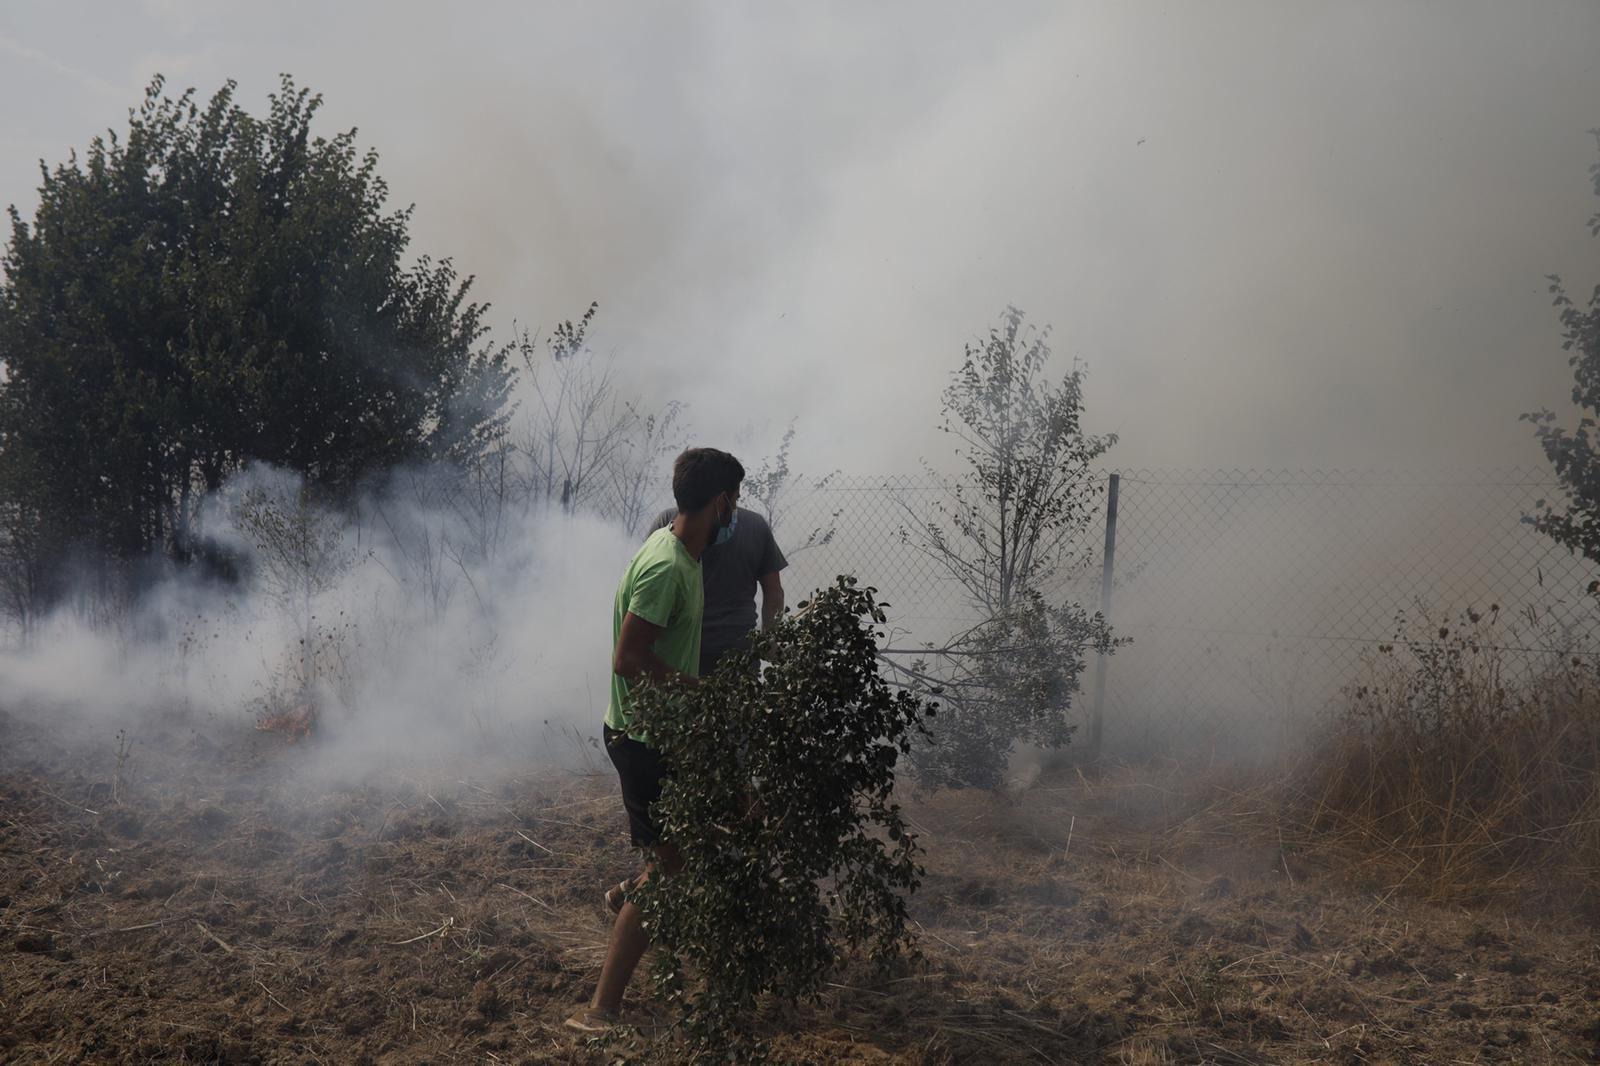 Imágenes del fuego declarado en Lober de Aliste, Zamora